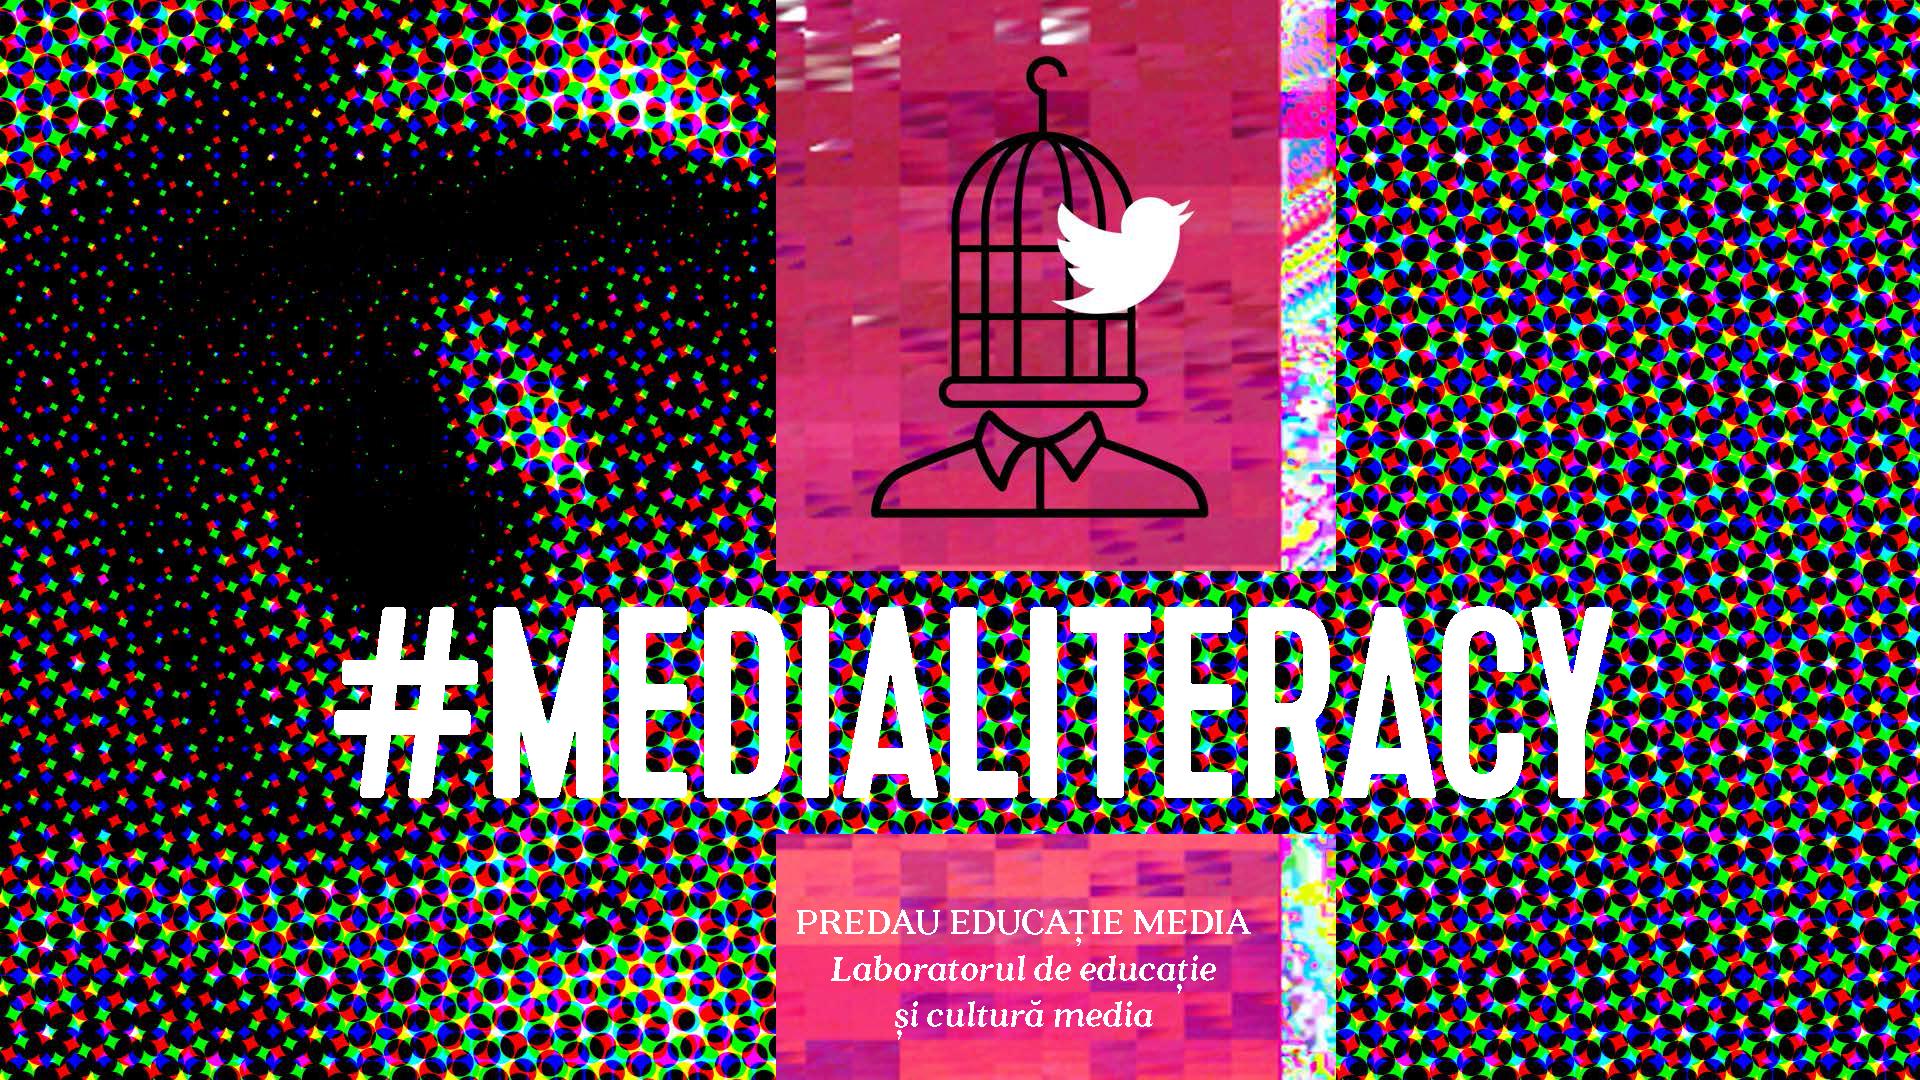 Predau educatie media! - Laboratorul de educatie si cultura media